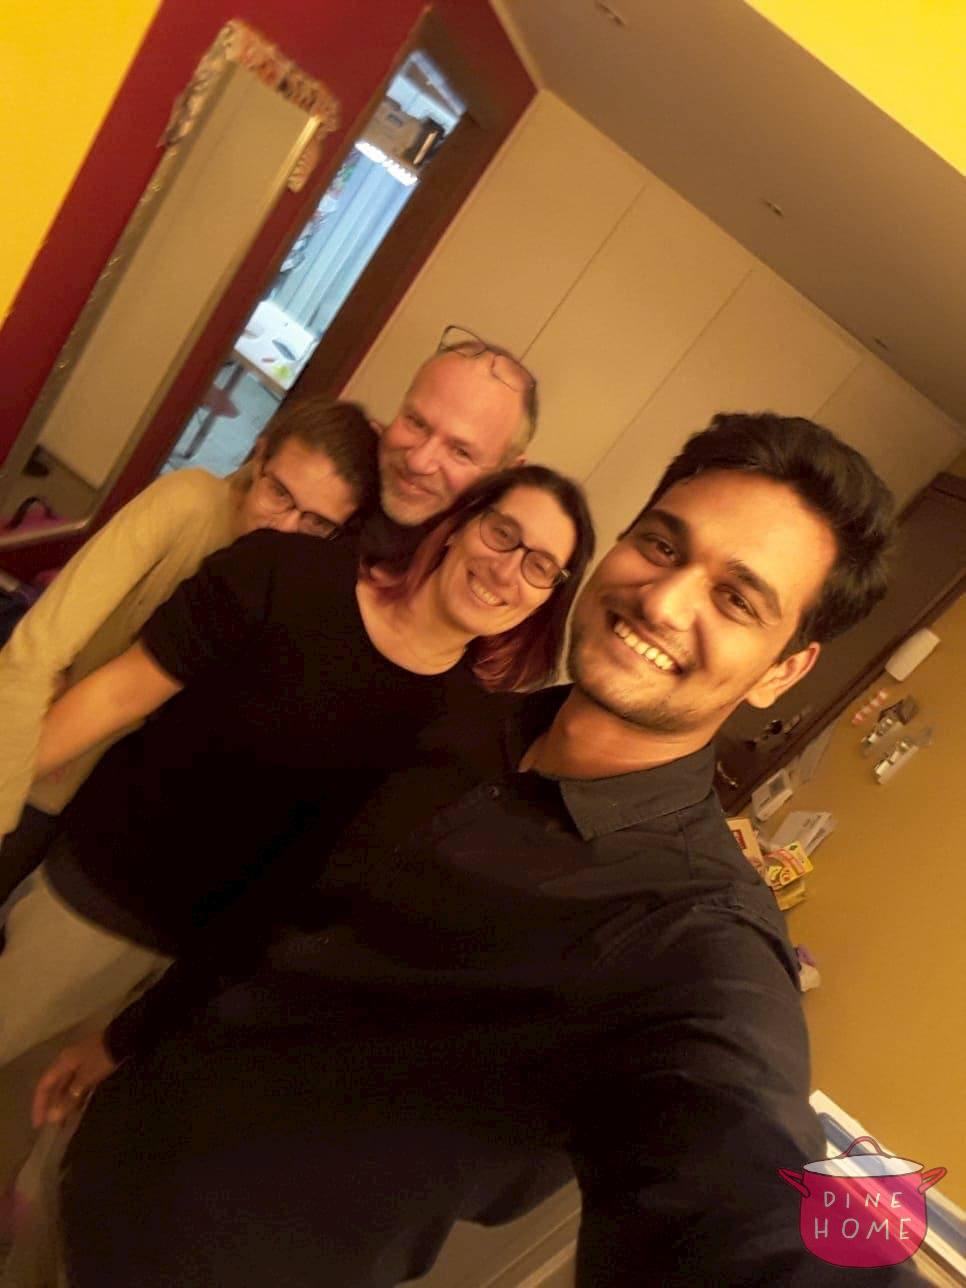 Krunal, studente indiano, a cena dalla sua famiglia Dinehome.